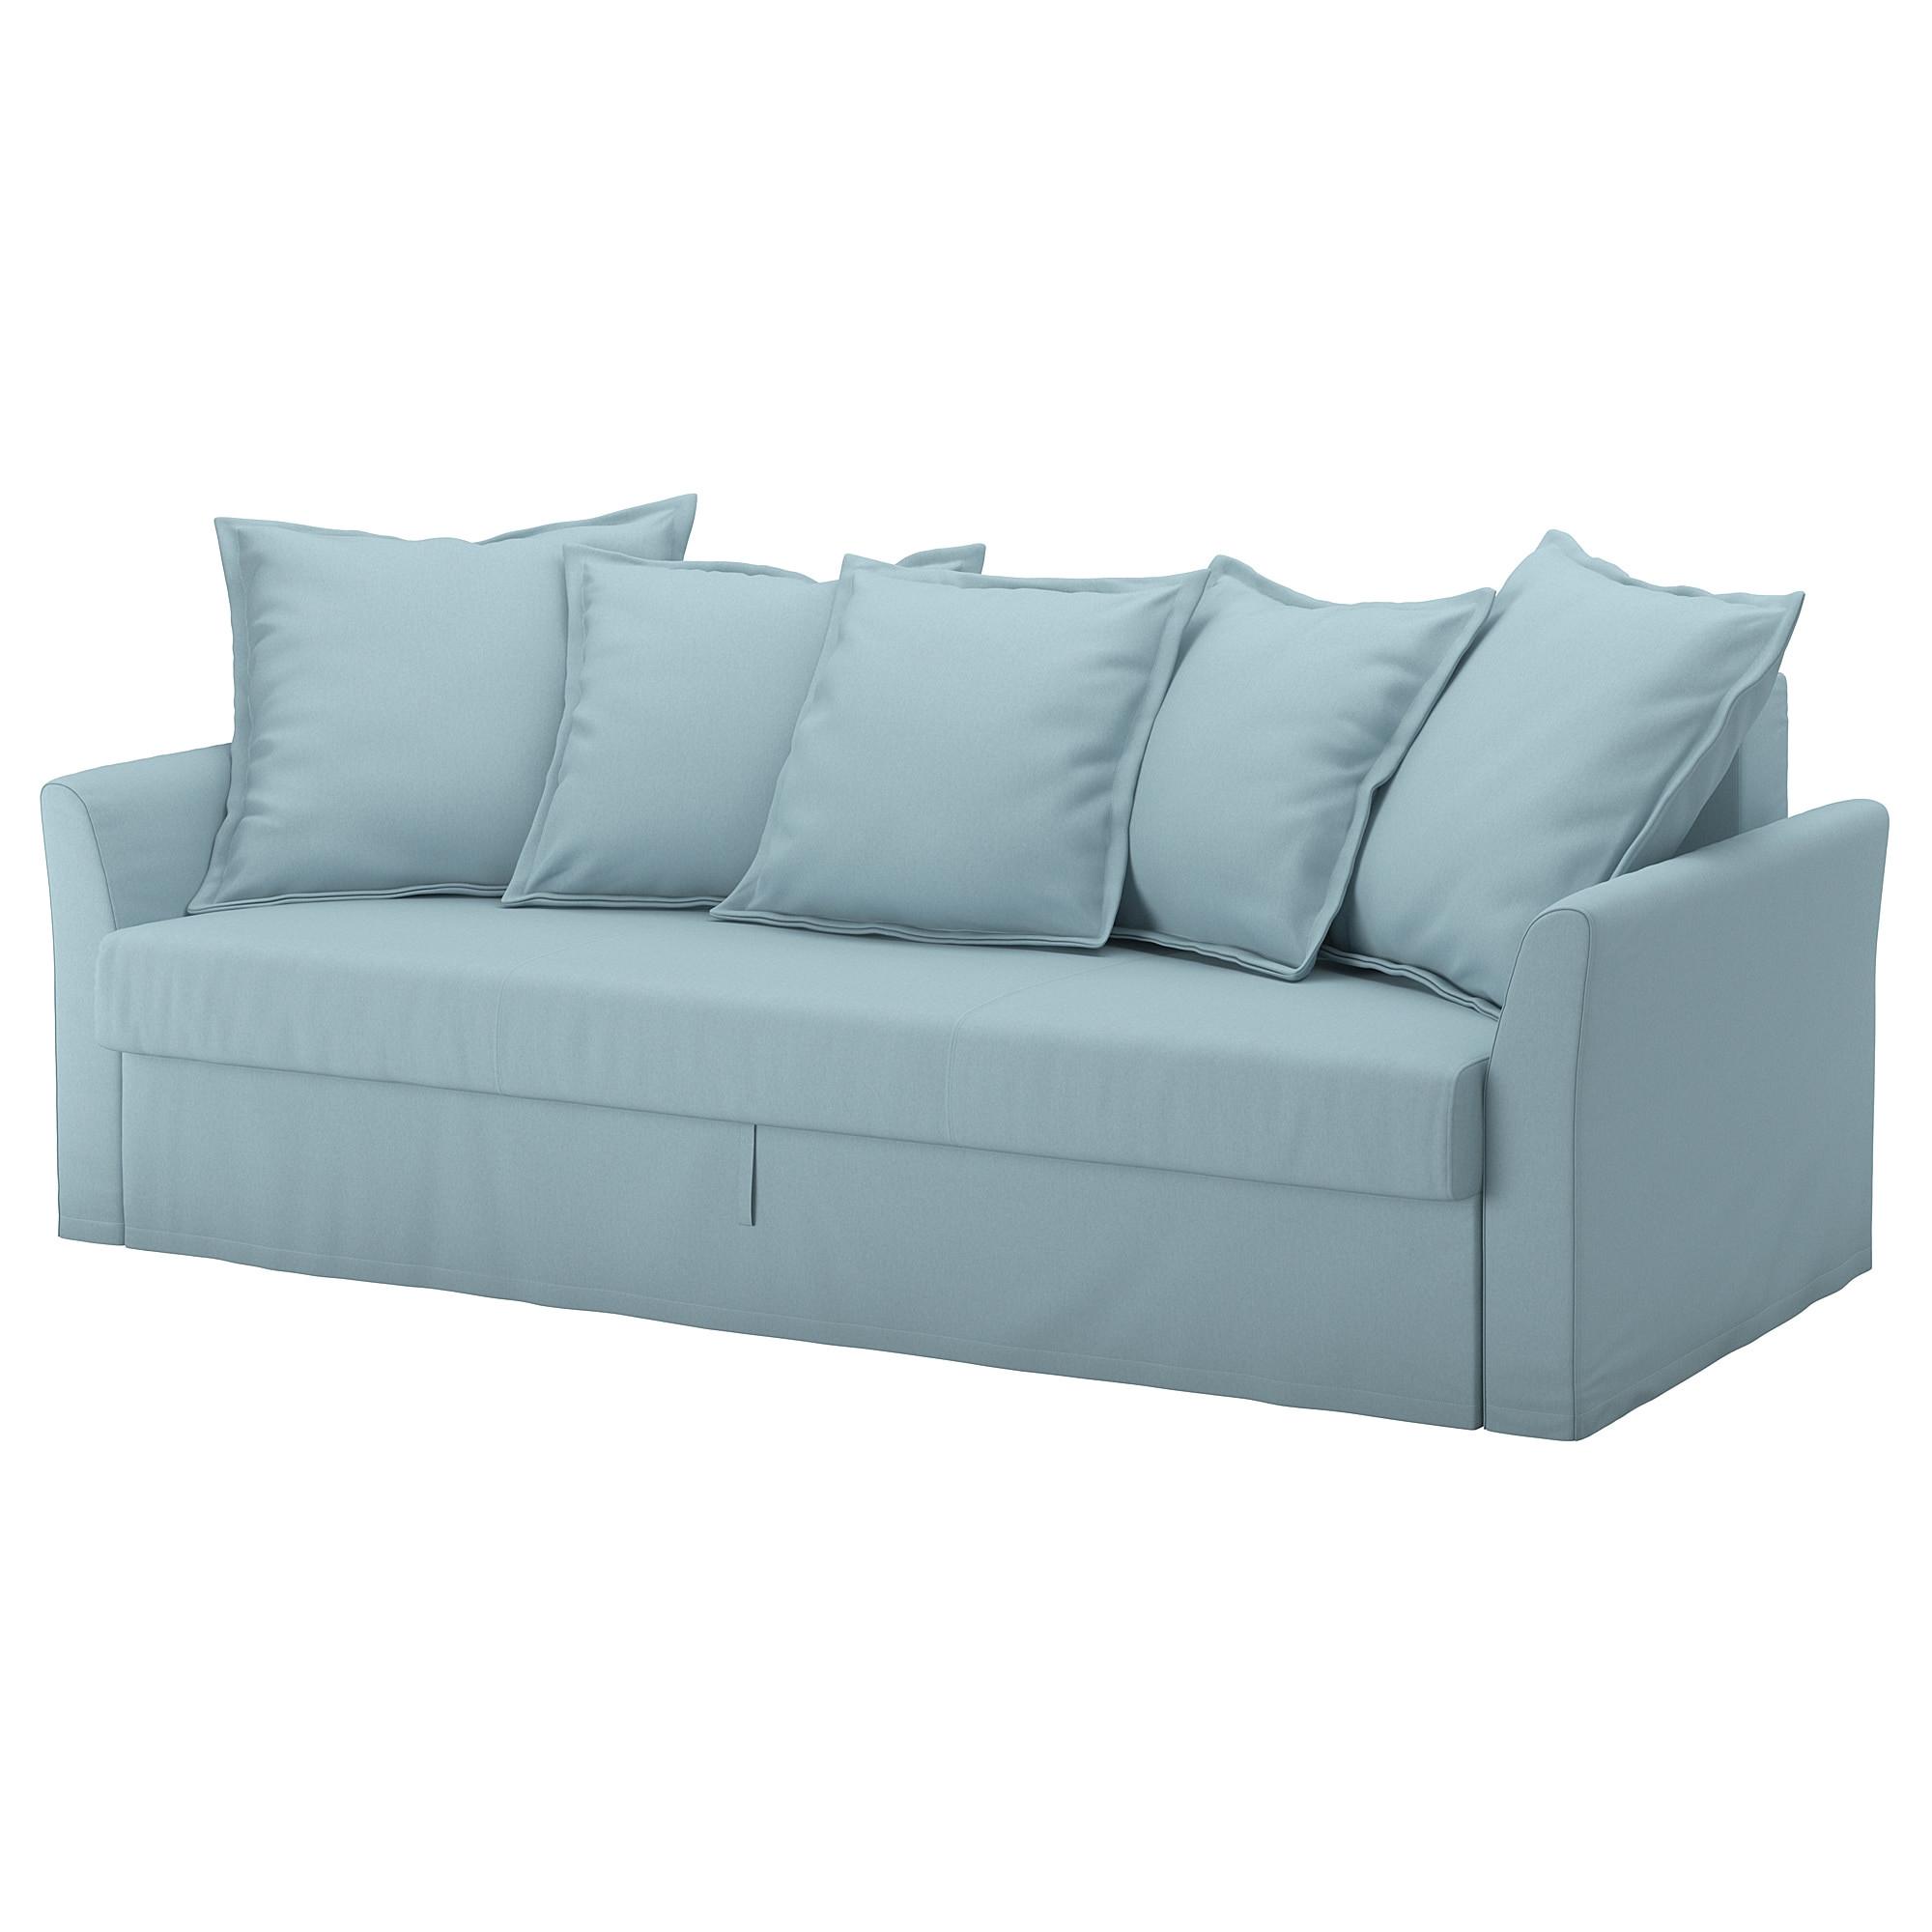 ikea holmsund sofa cama 3 plazas debajo del asiento puedes guardar ropa de cama por